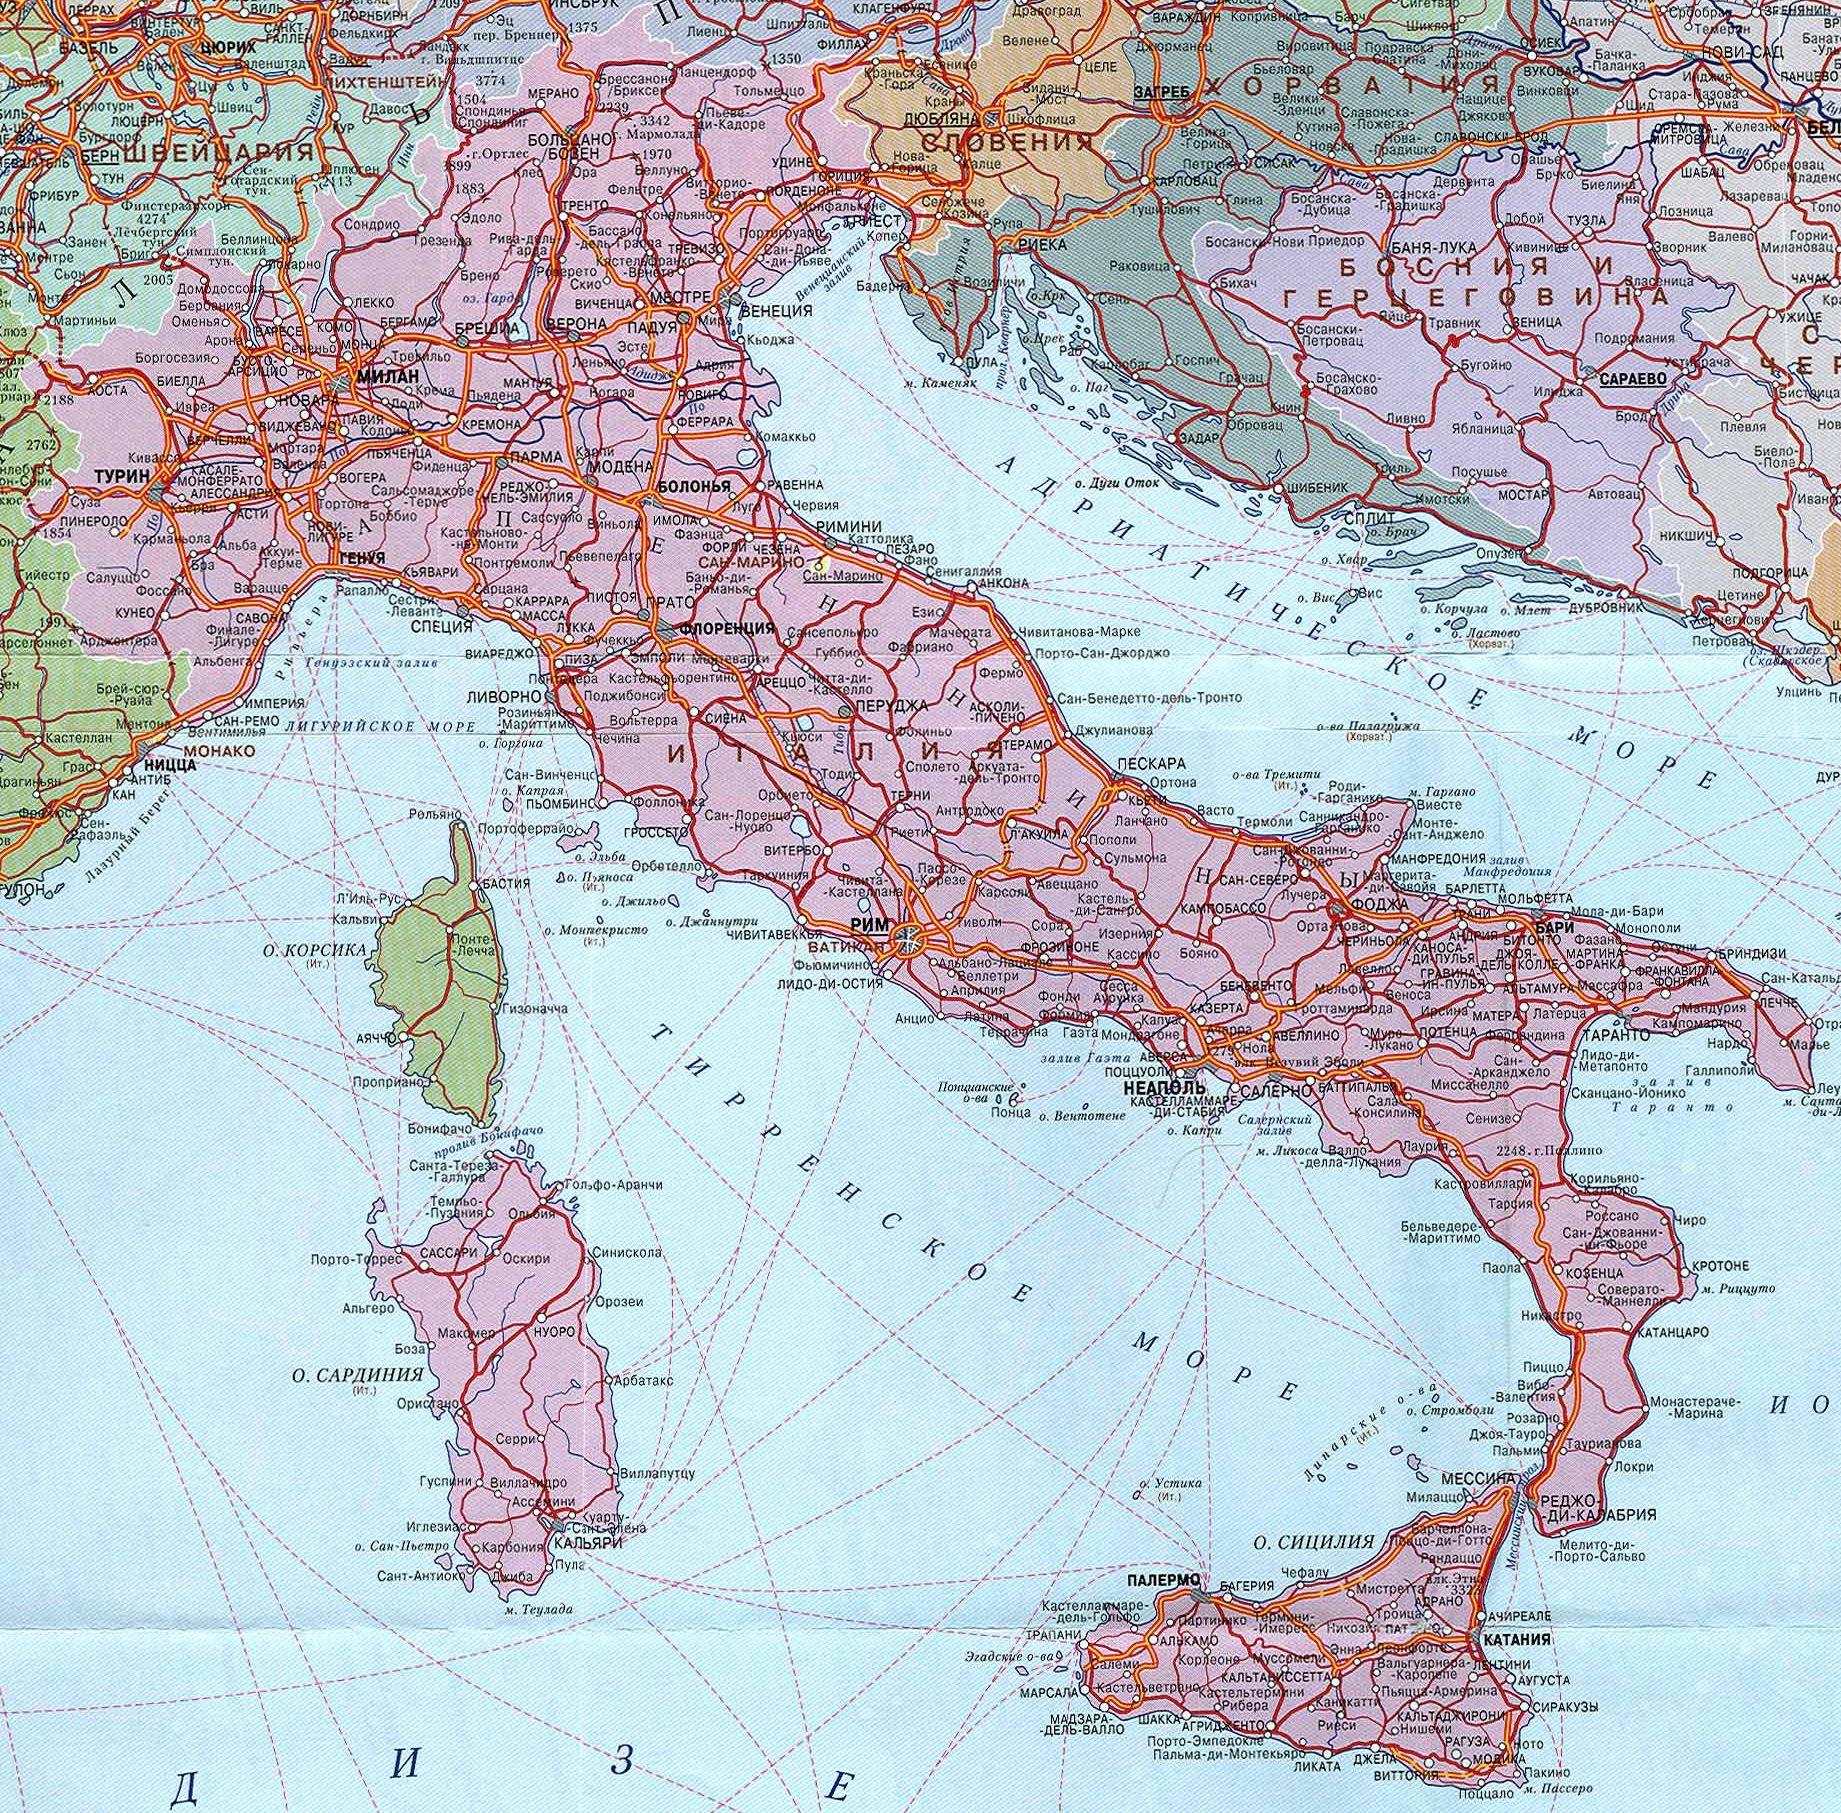 Карта Италии. Где находится Италия.